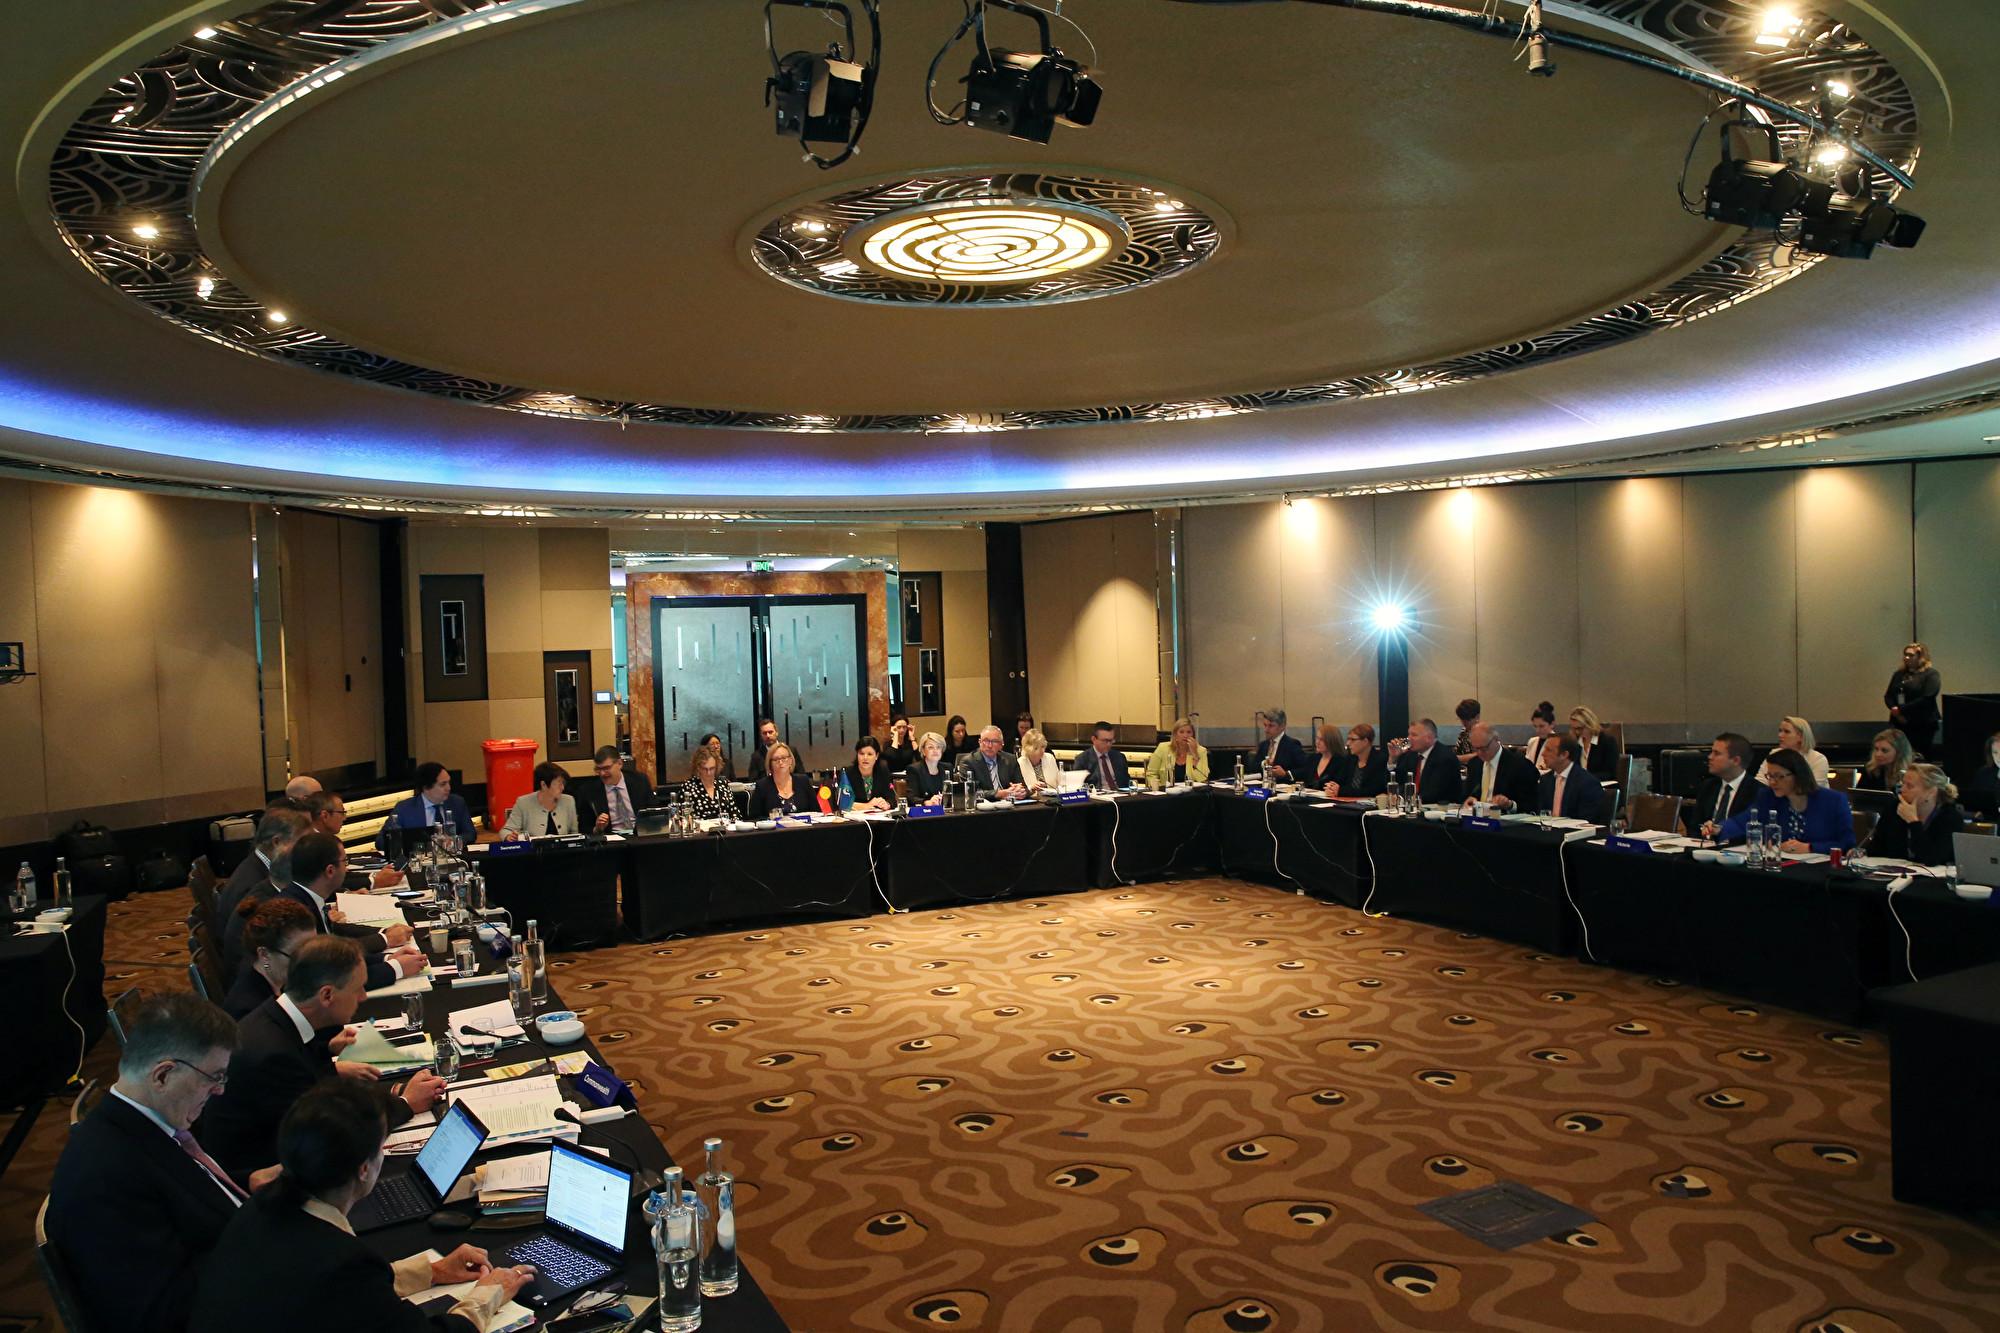 澳洲加入國際行動 籲制止國際網絡犯罪行為